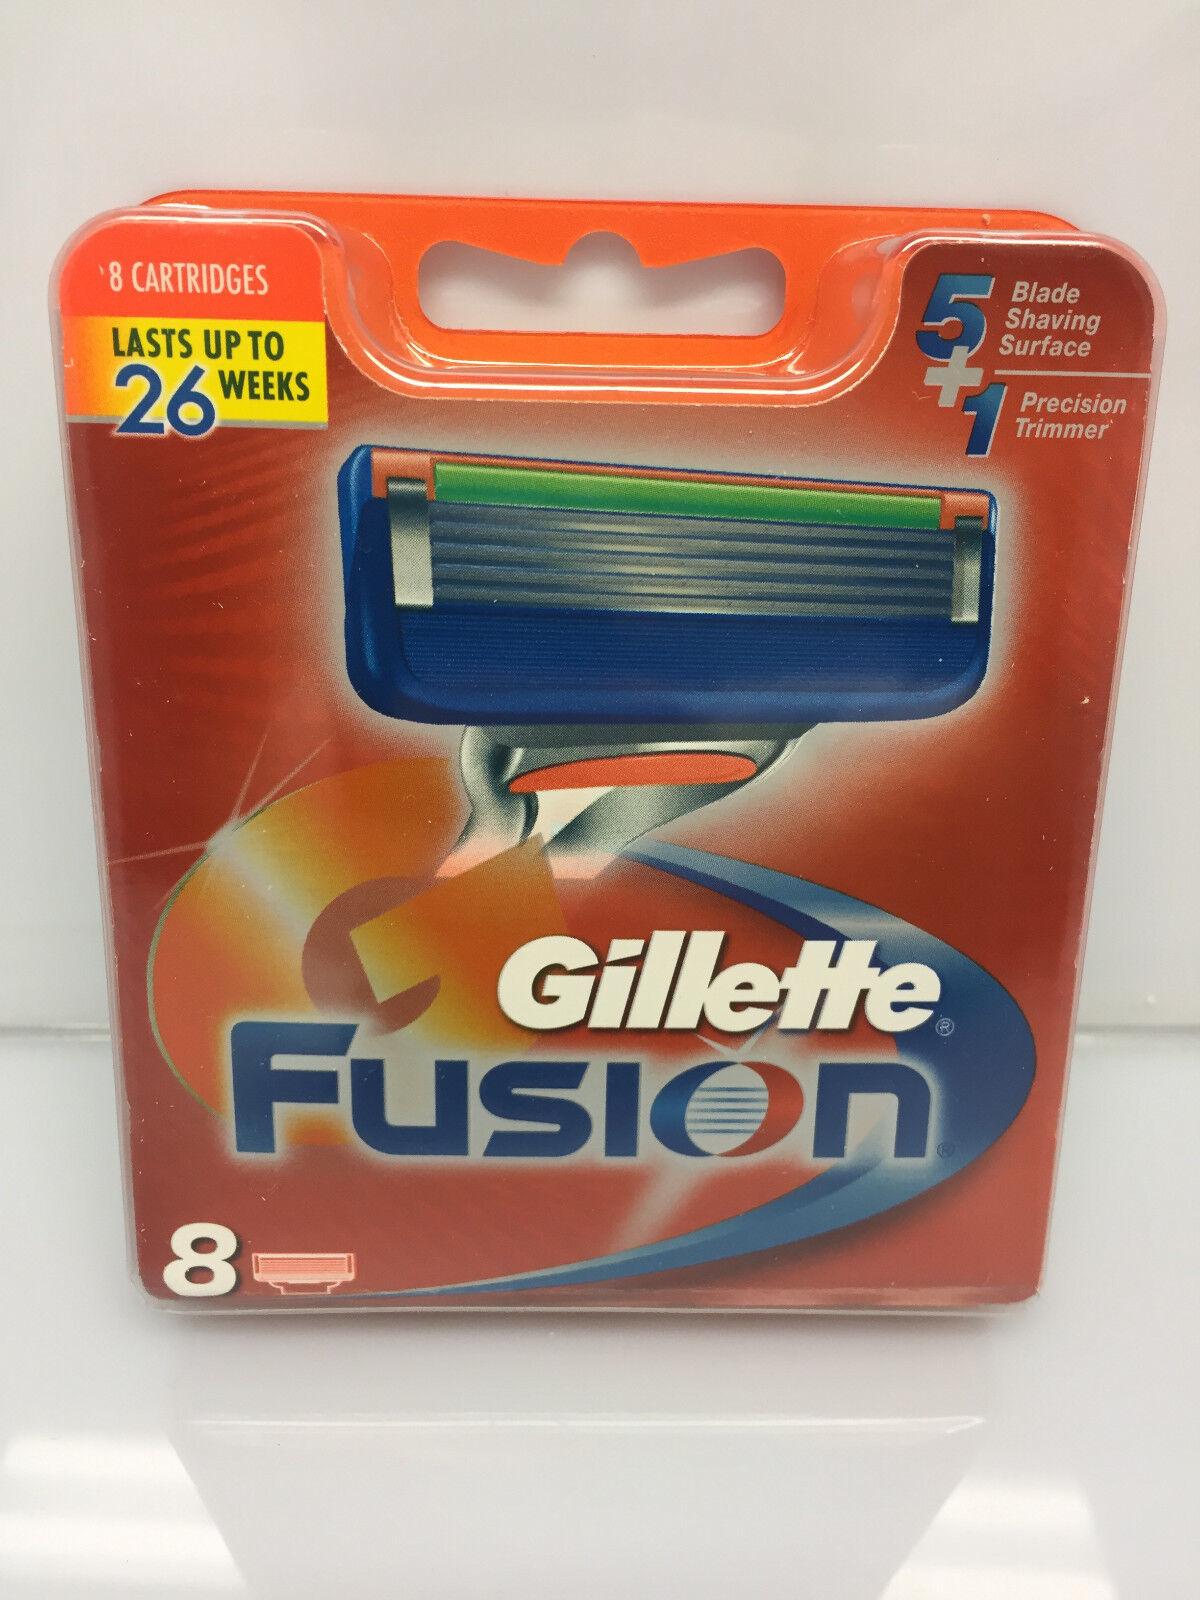 8 Gillette Fusion Rasierklingen in OVP mit Seriennummer